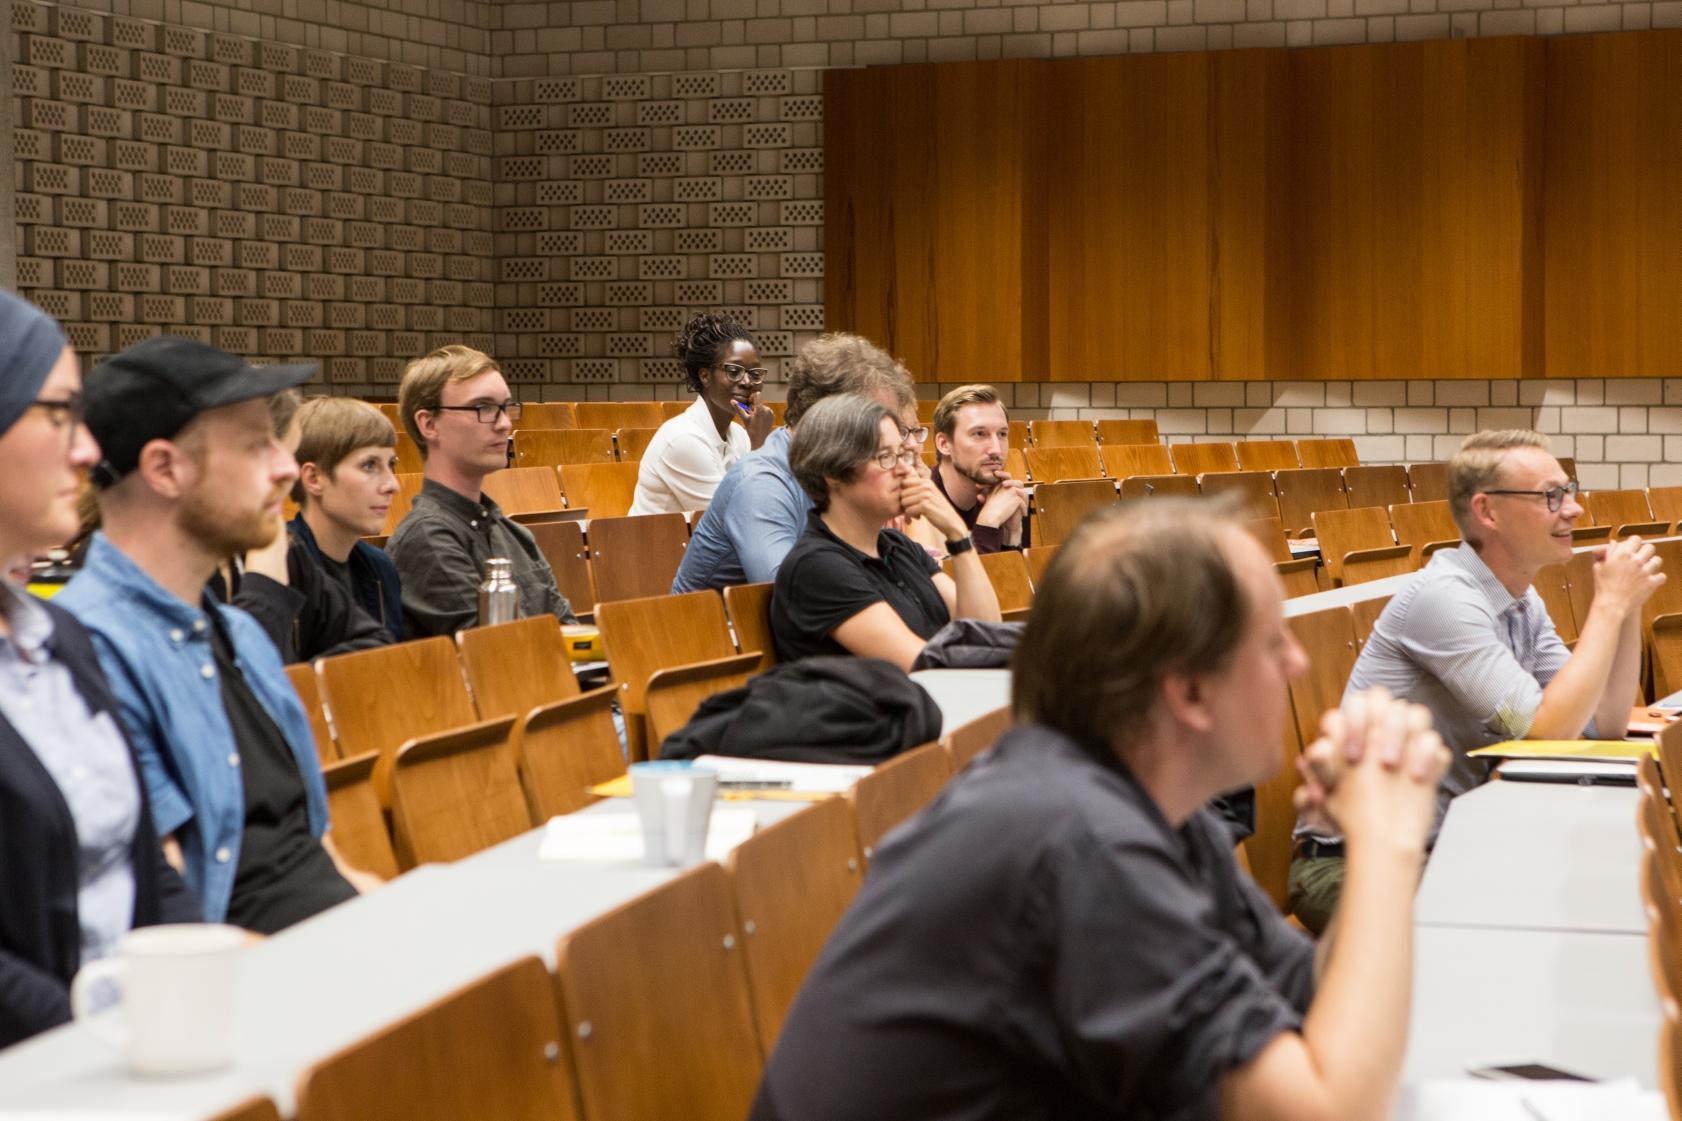 Teilnehmer*innen des Workshops